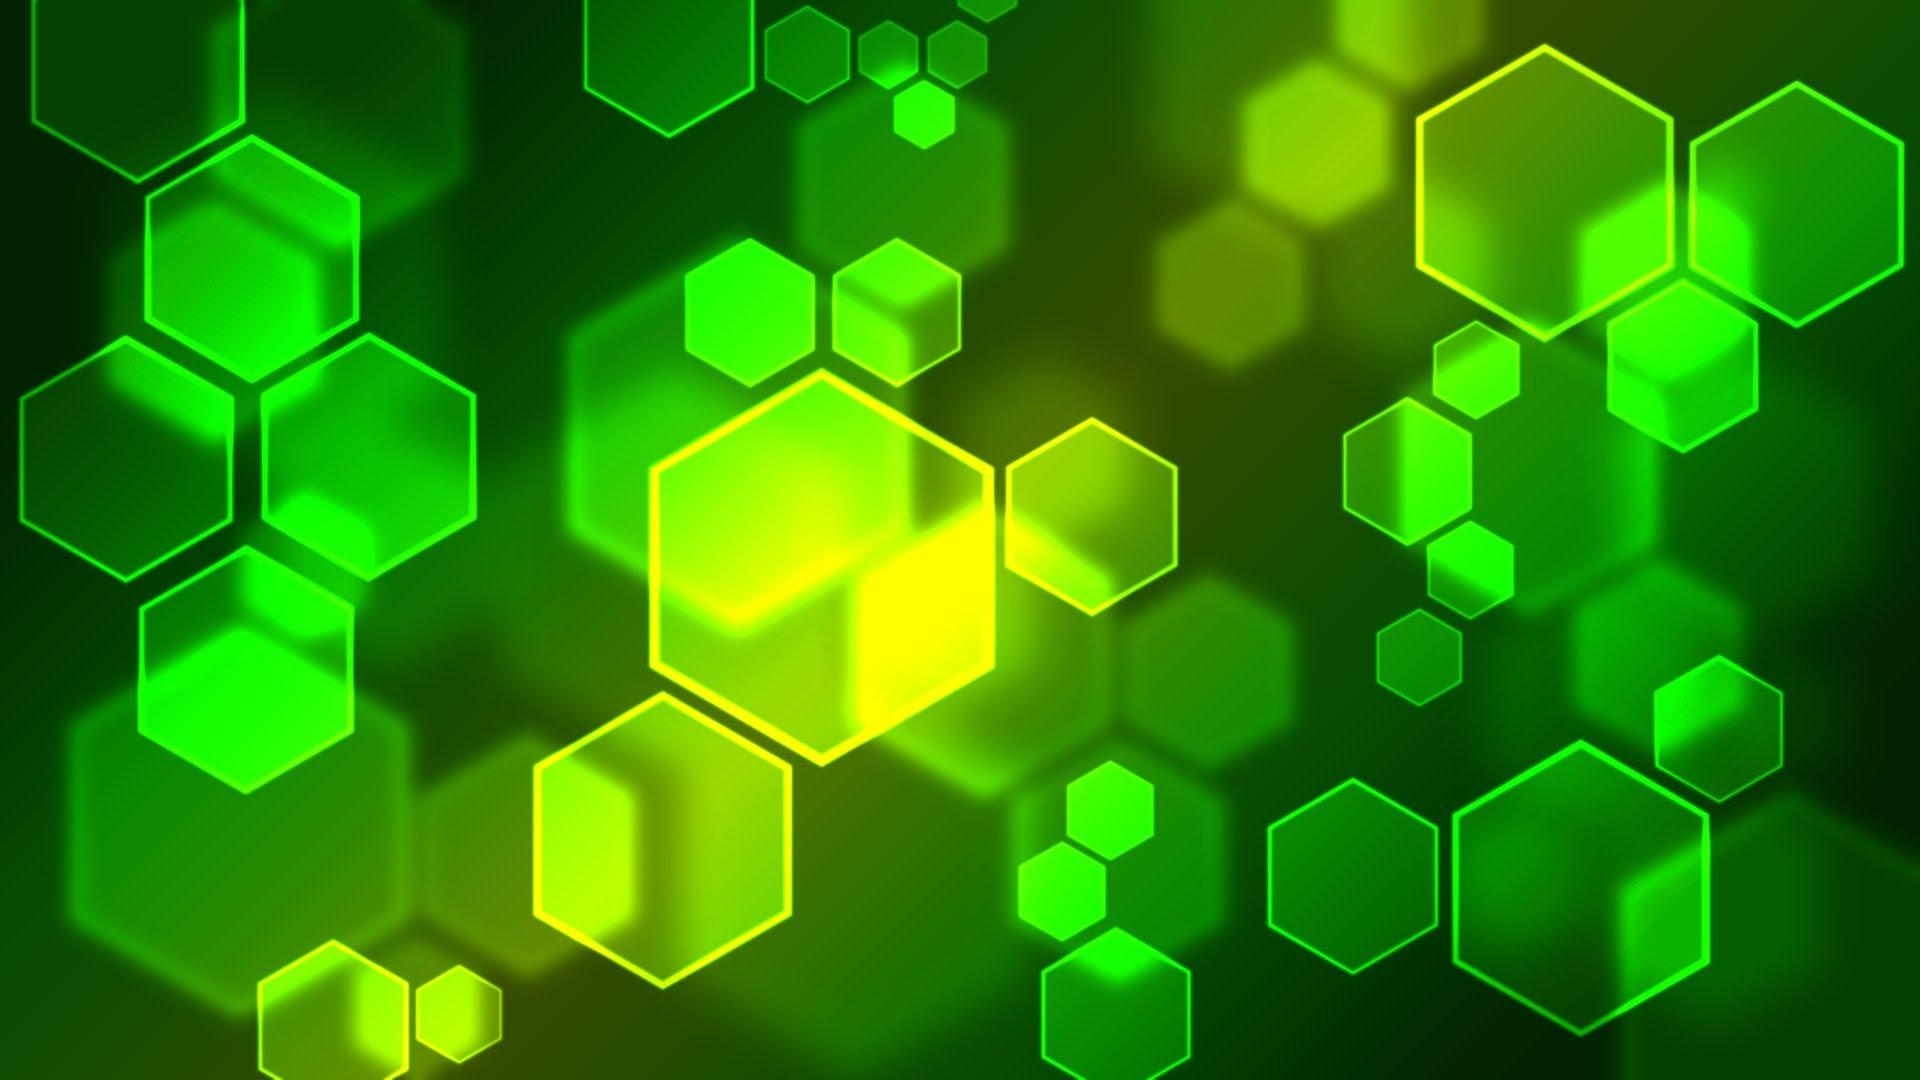 Hexagon clipart green Download hexagon Library Hexagon Clip